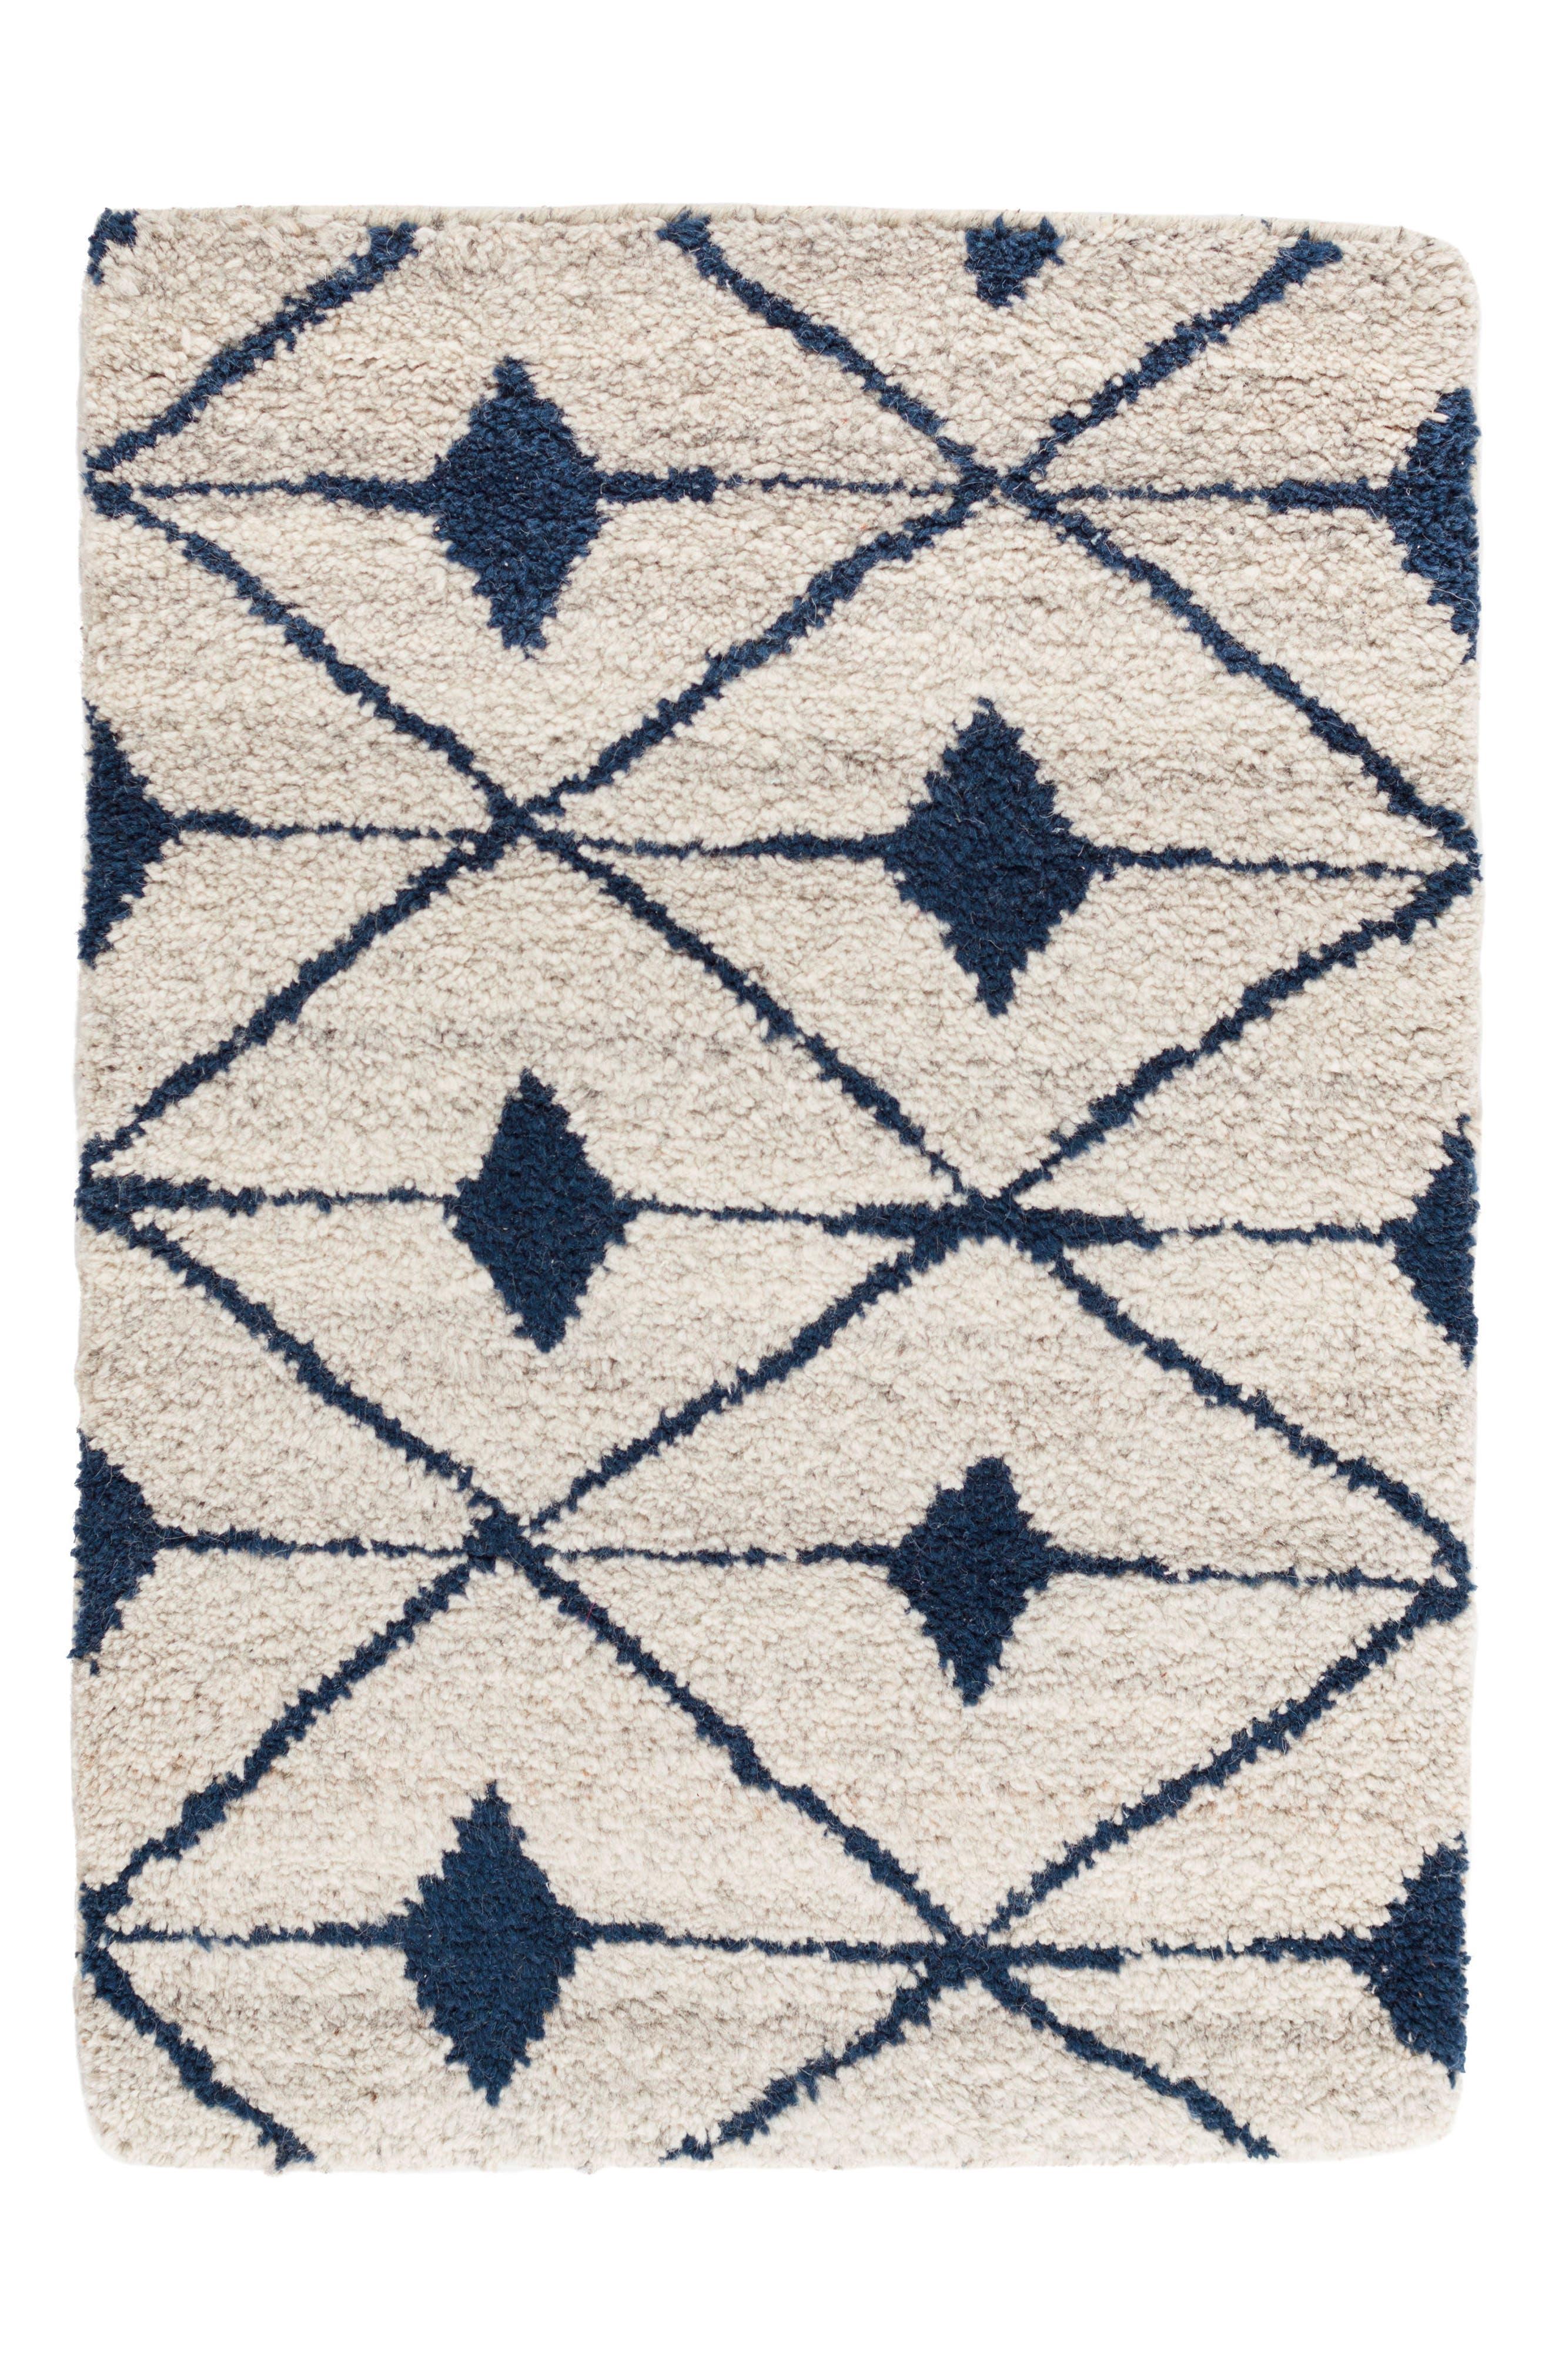 Kenitra Hand Knotted Rug,                             Main thumbnail 1, color,                             INDIGO